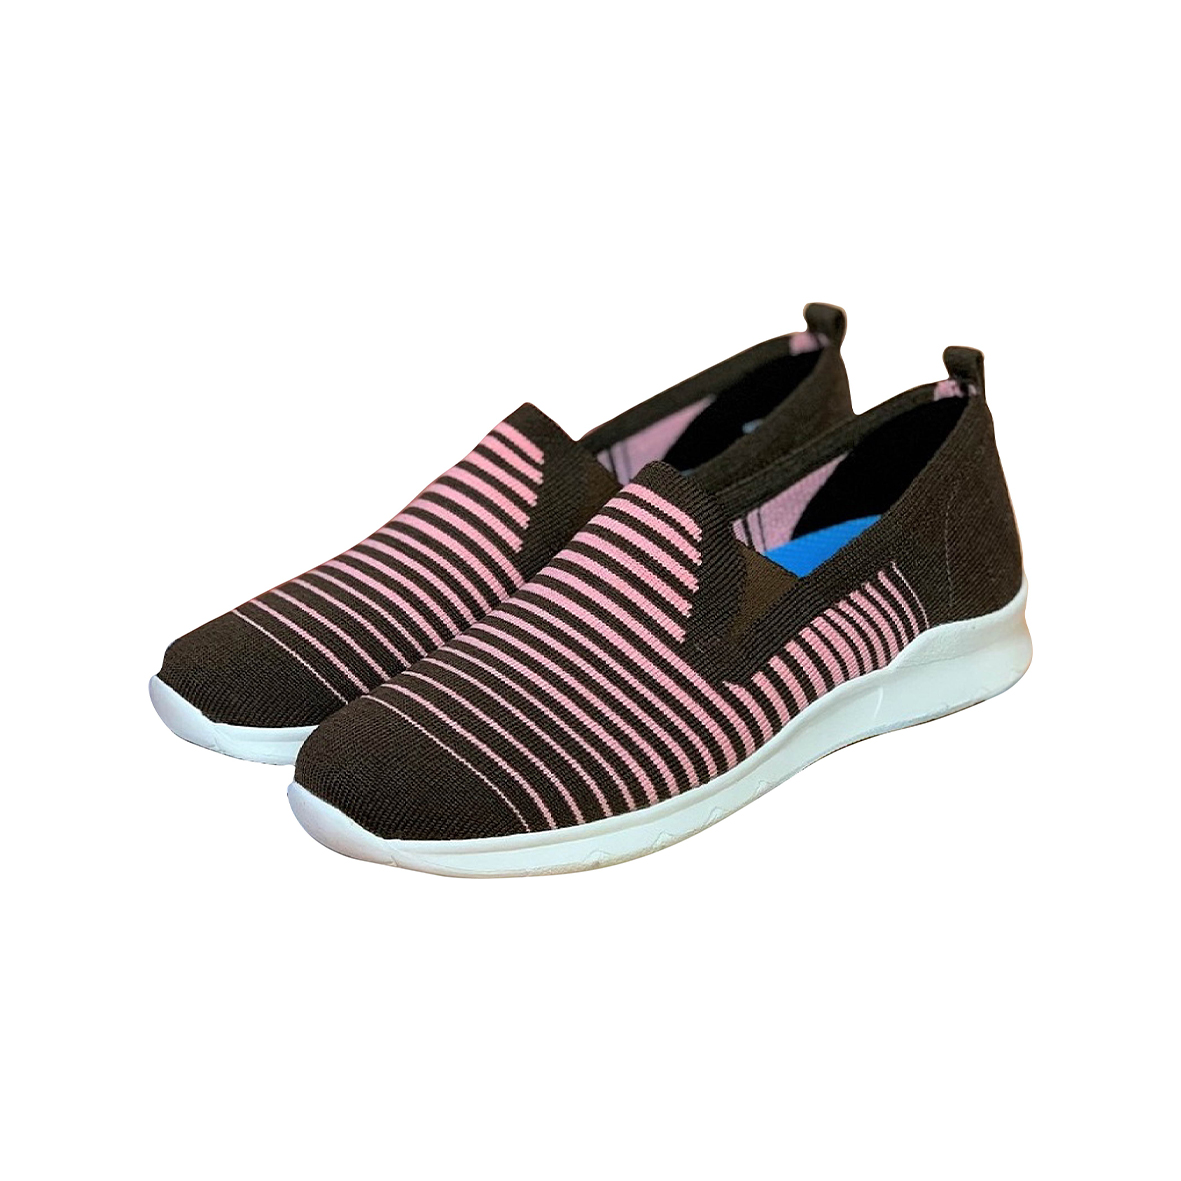 《WYPEX》清新條紋懶人鞋 (共4色)